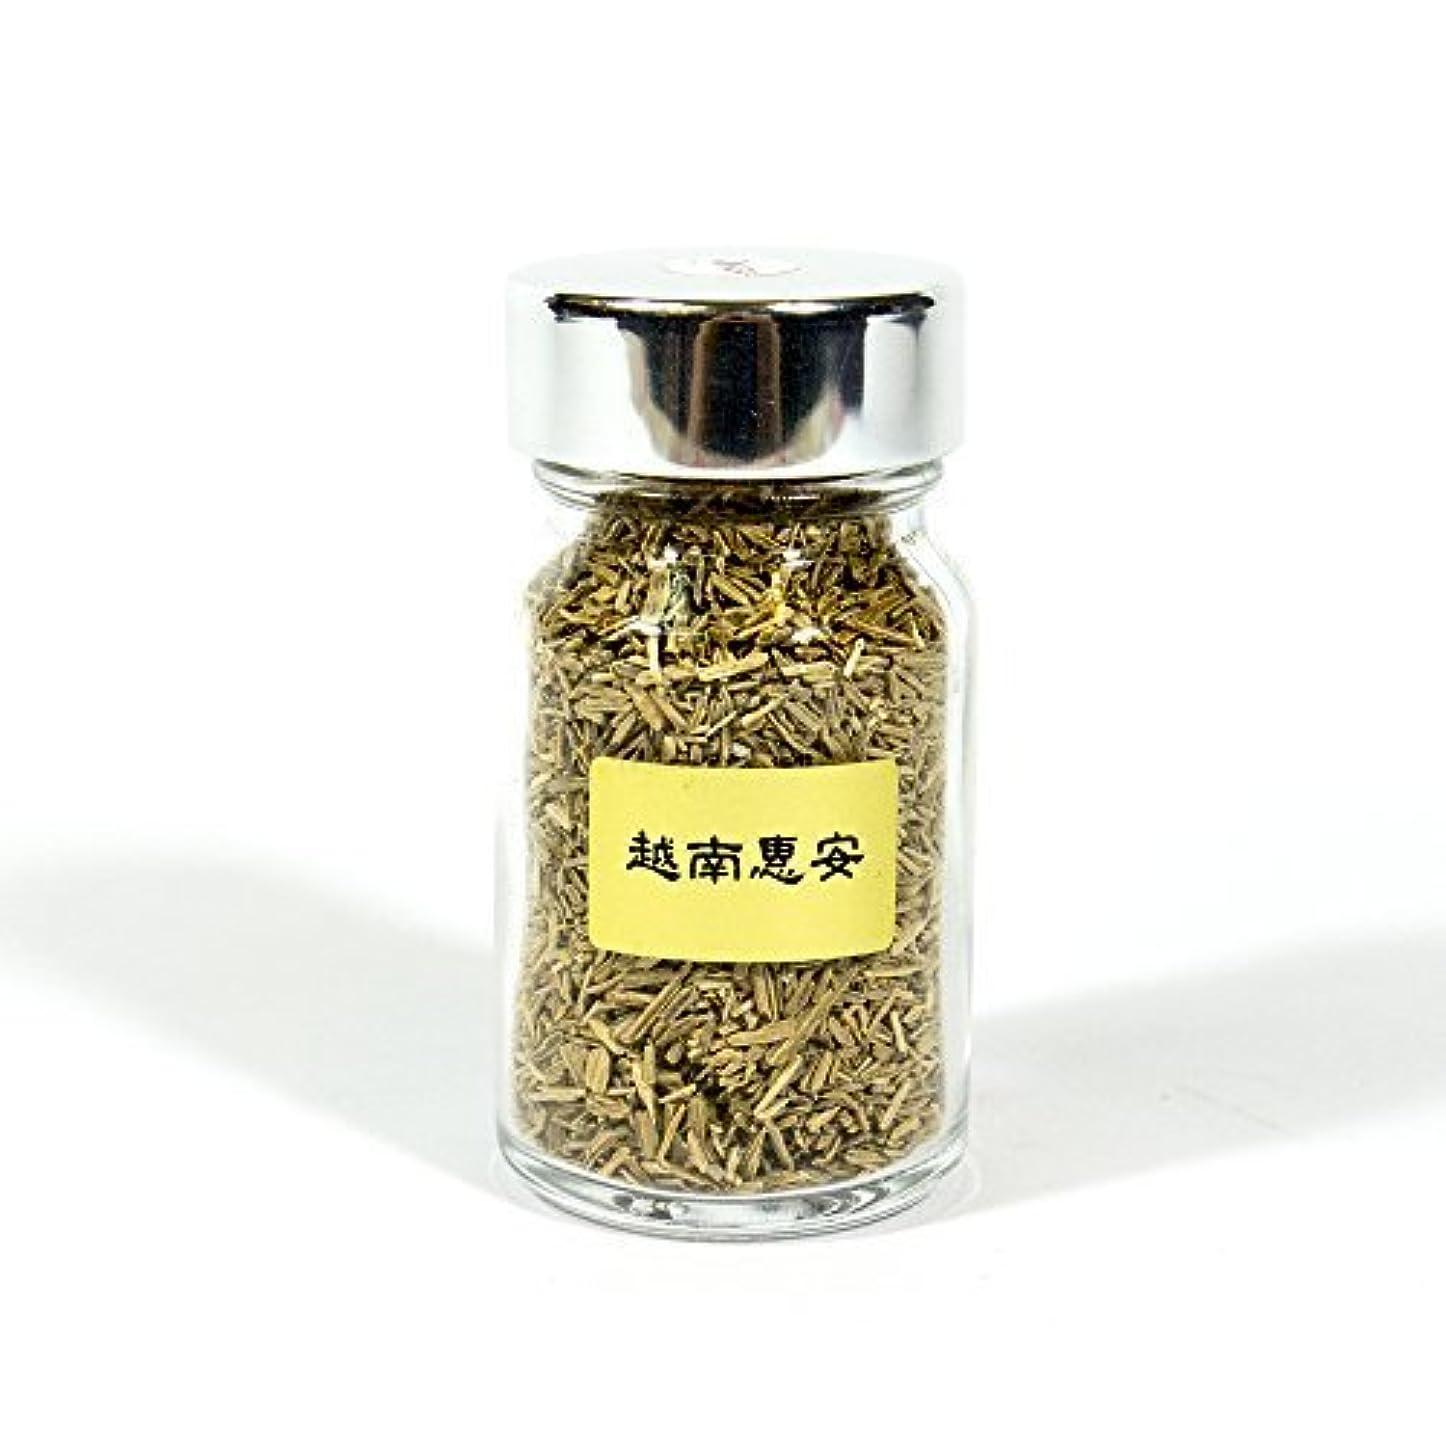 部門拍手するに話すAgarwood Aloeswood Oud Chip Scrap Vietnam Hoi-An 10g Cultivated Suitable for Electric Burner by IncenseHouse -...